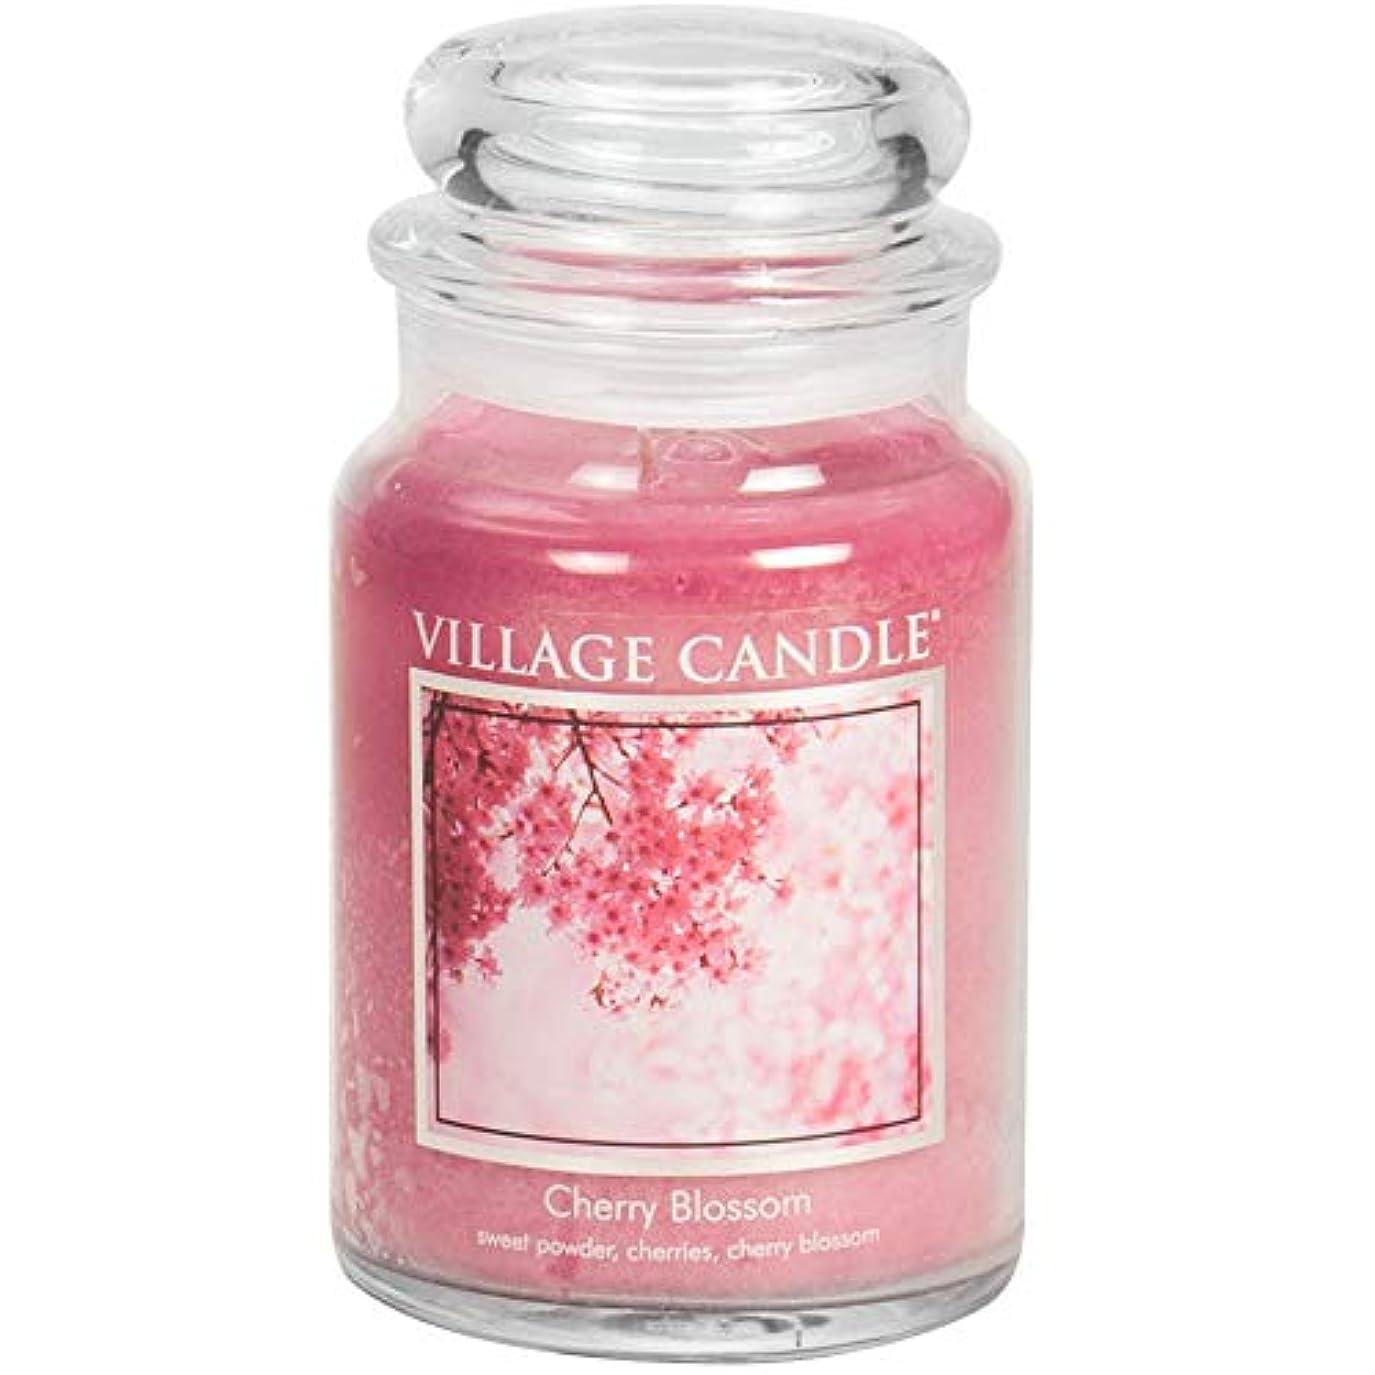 ホバーリーダーシップむき出しVillage Candle Large Fragranced Candle Jar - 17cm x 10cm - 26oz (1219g)- Cherry Blossom - upto 170 hours burn...